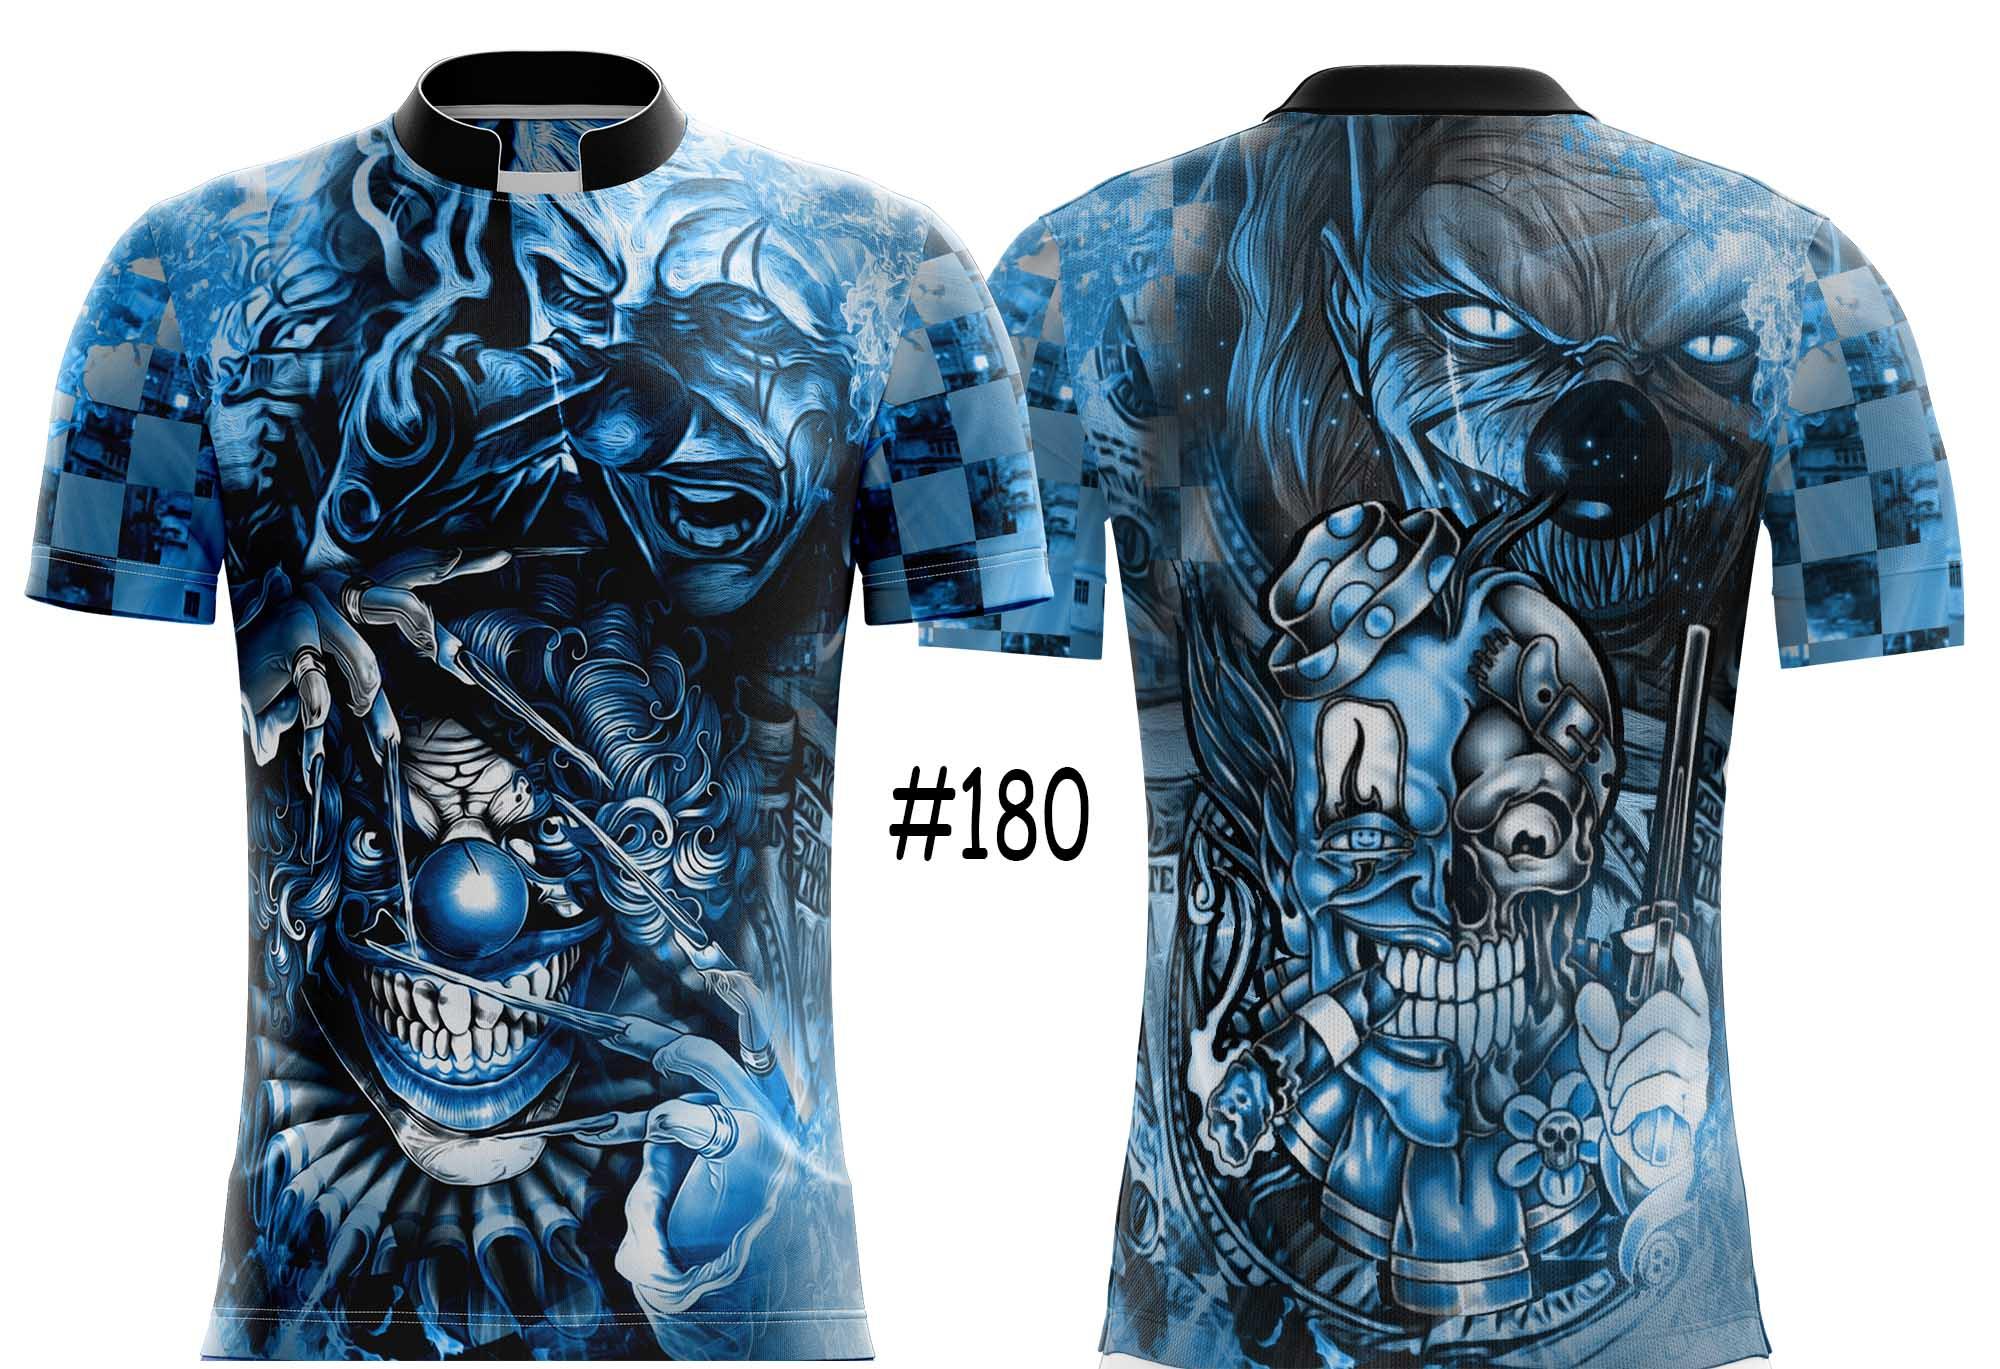 CAMISETA DE QUEBRADA BLUE CLOWN #180